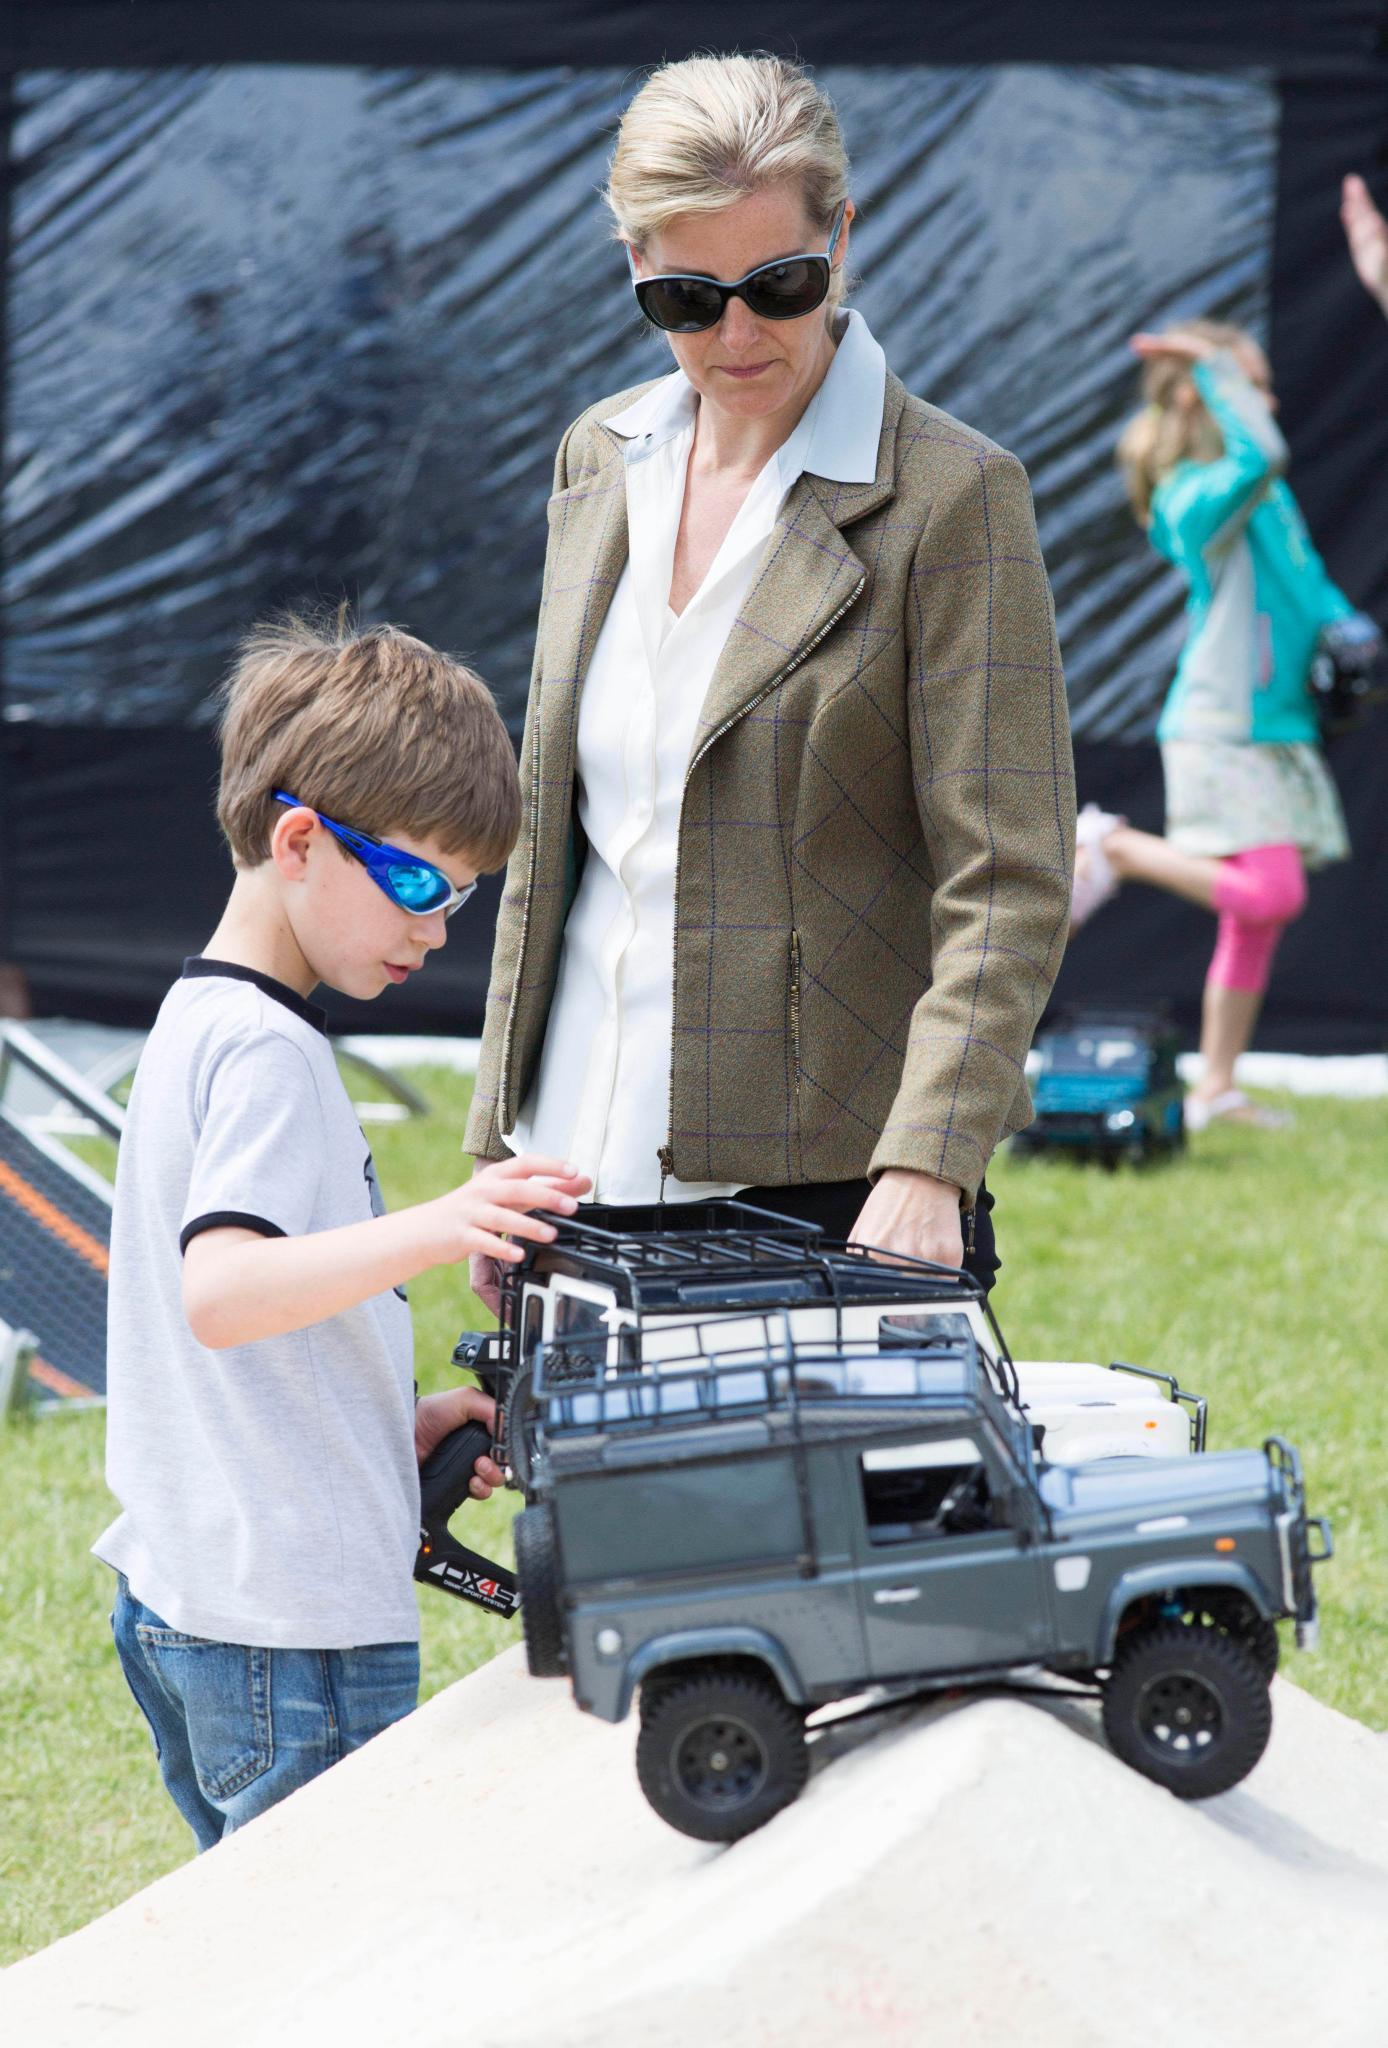 Hinter der verspiegelten Sonnenbrille verbirgt sich James, das jüngste Enkelkind von Queen Elizabeth. Er interessiert sich aber wohl mehr für hochmotorige Pferdestärken als für vierbeinige ...